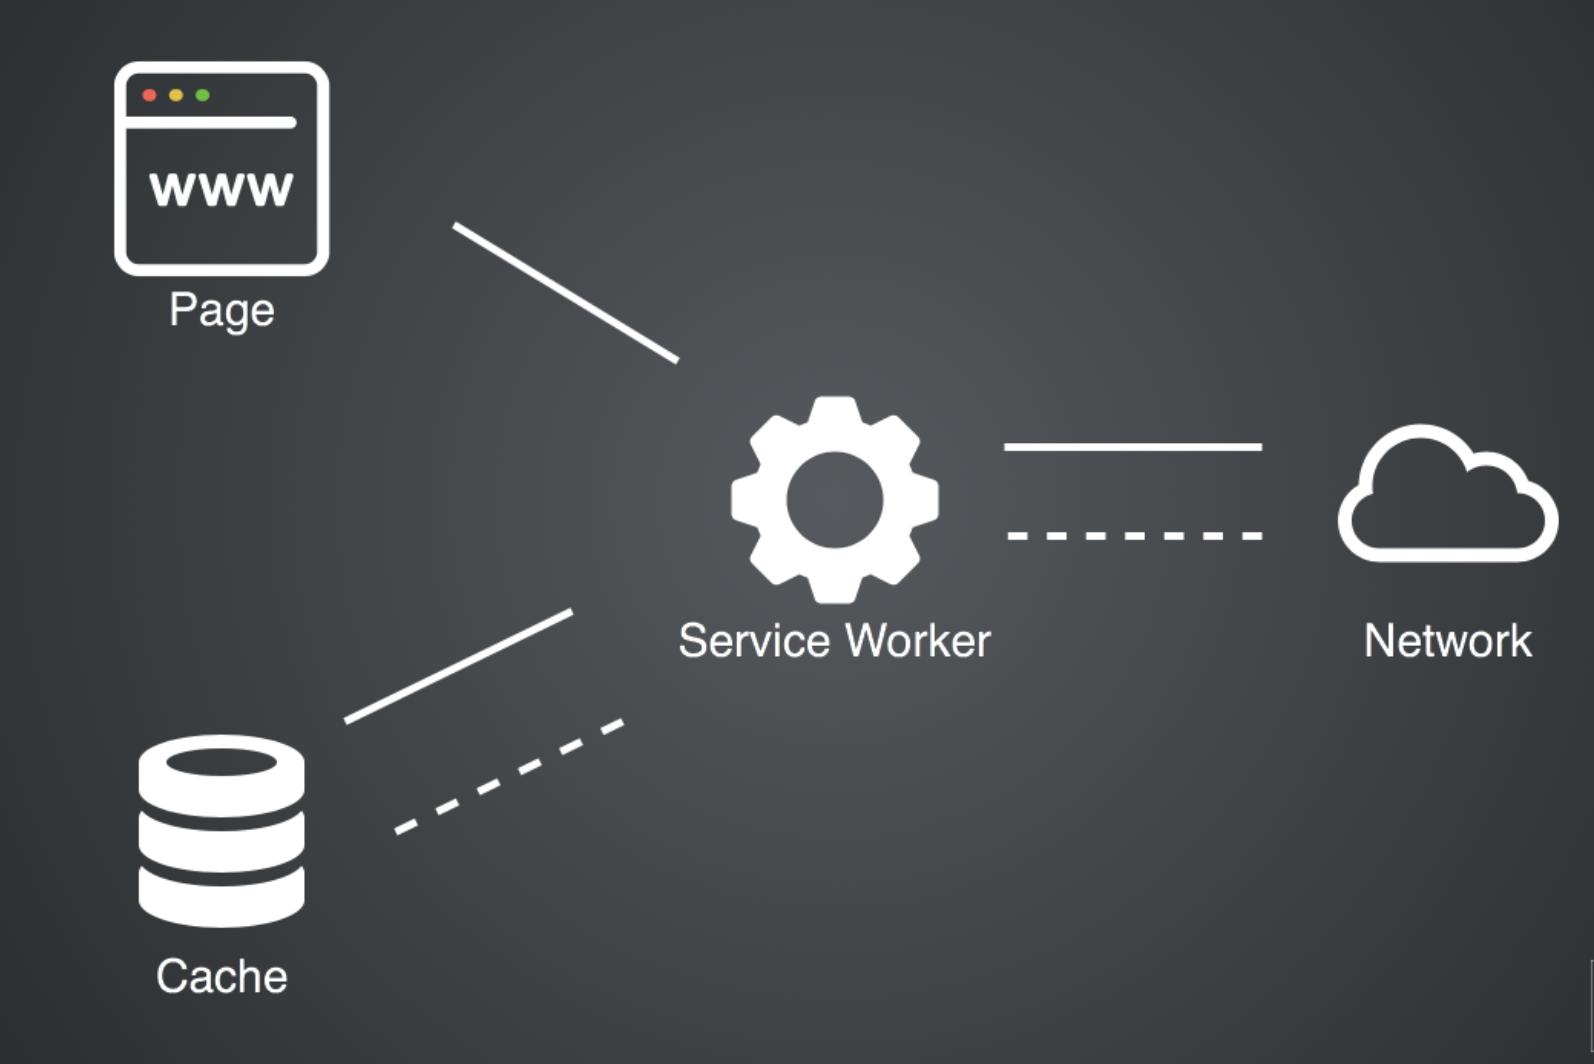 Service Worker workflow